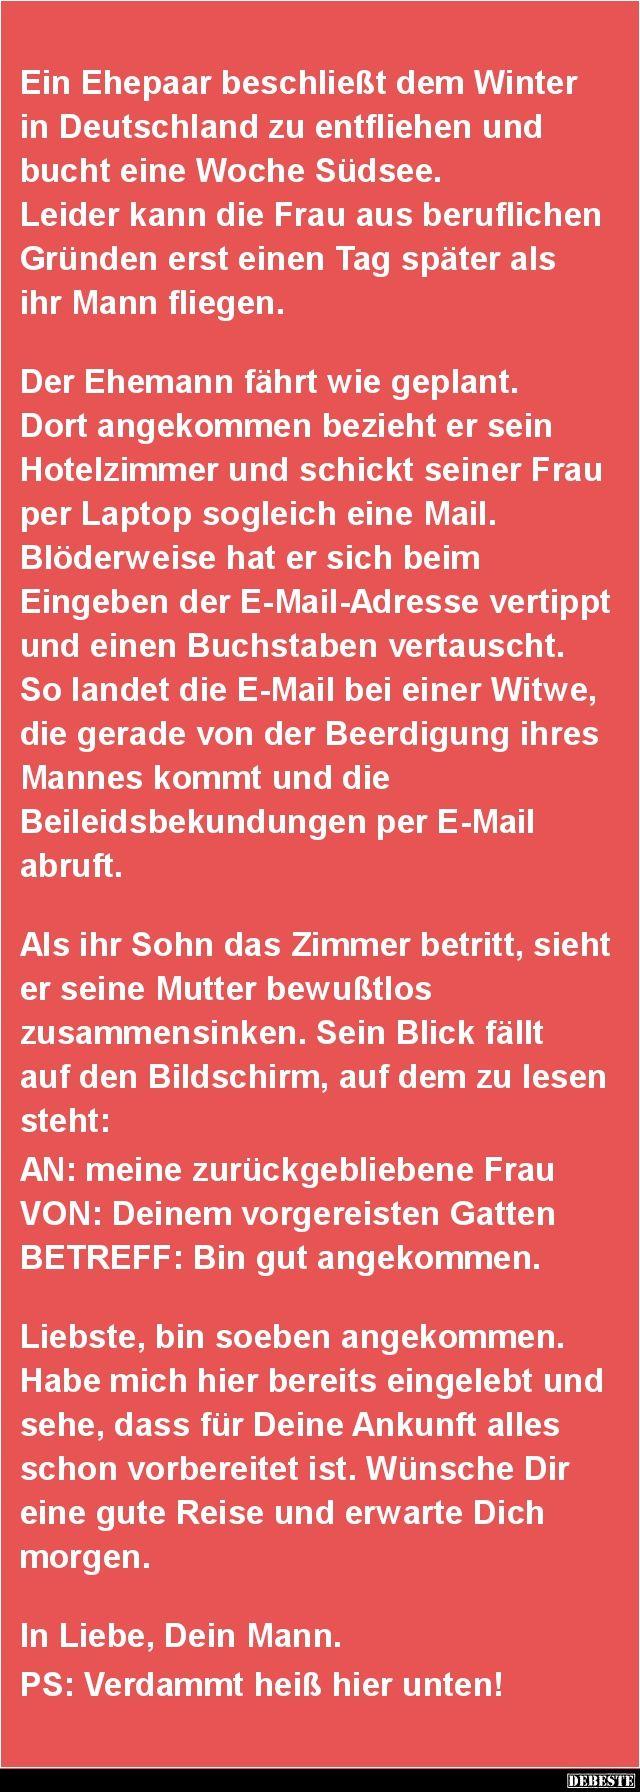 Ein Ehepaar beschließt dem Winter in Deutschland..   DEBESTE.de, Lustige Bilder, Sprüche, Witze und Videos